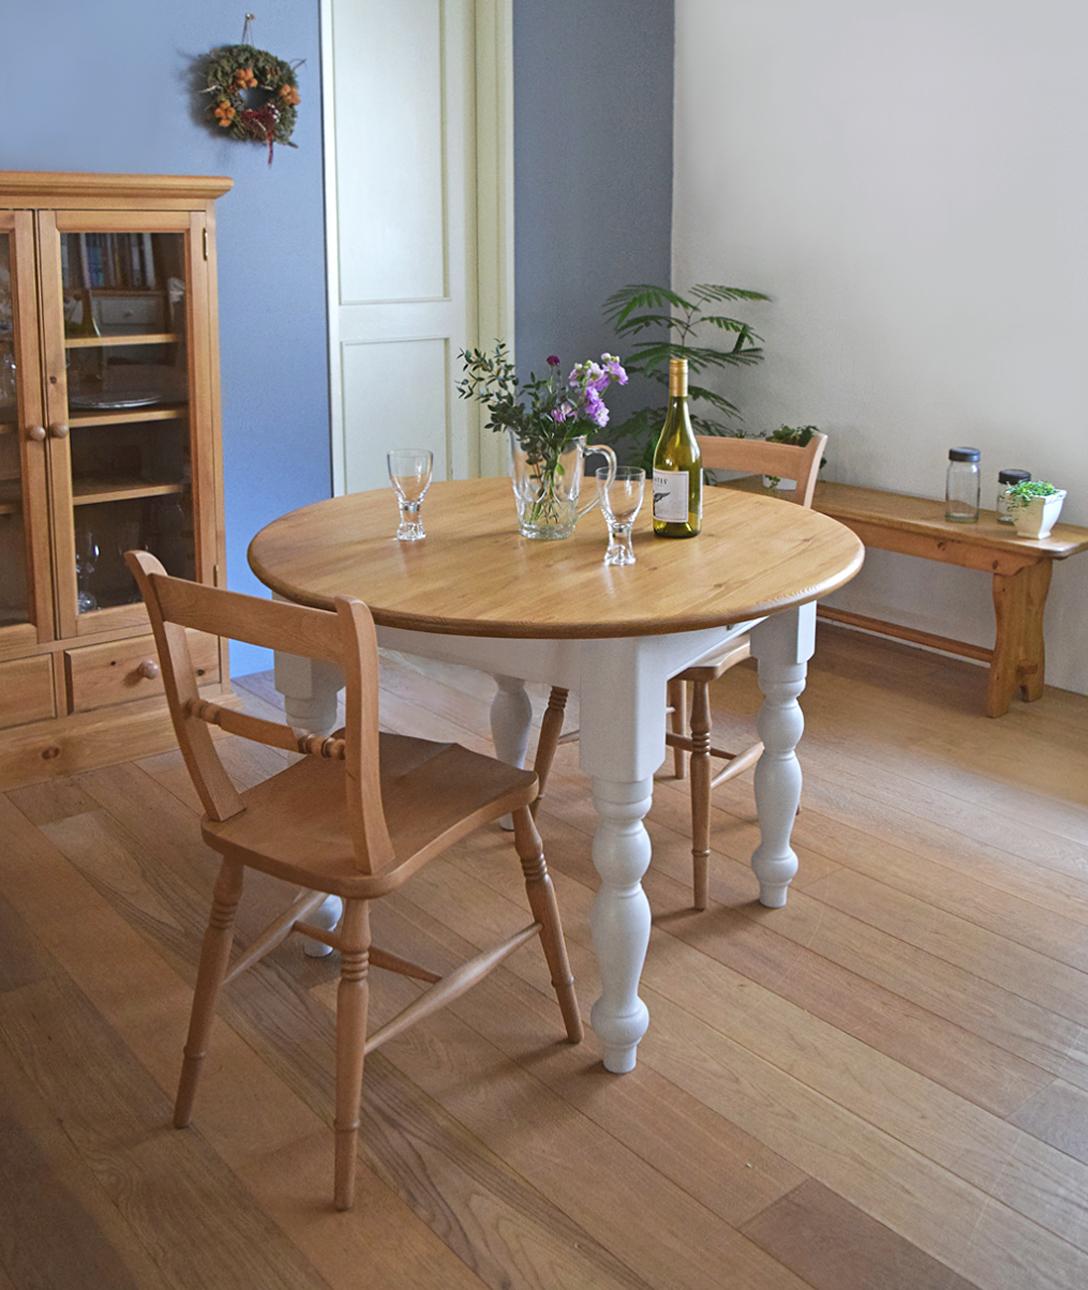 ペイント丸テーブル-1